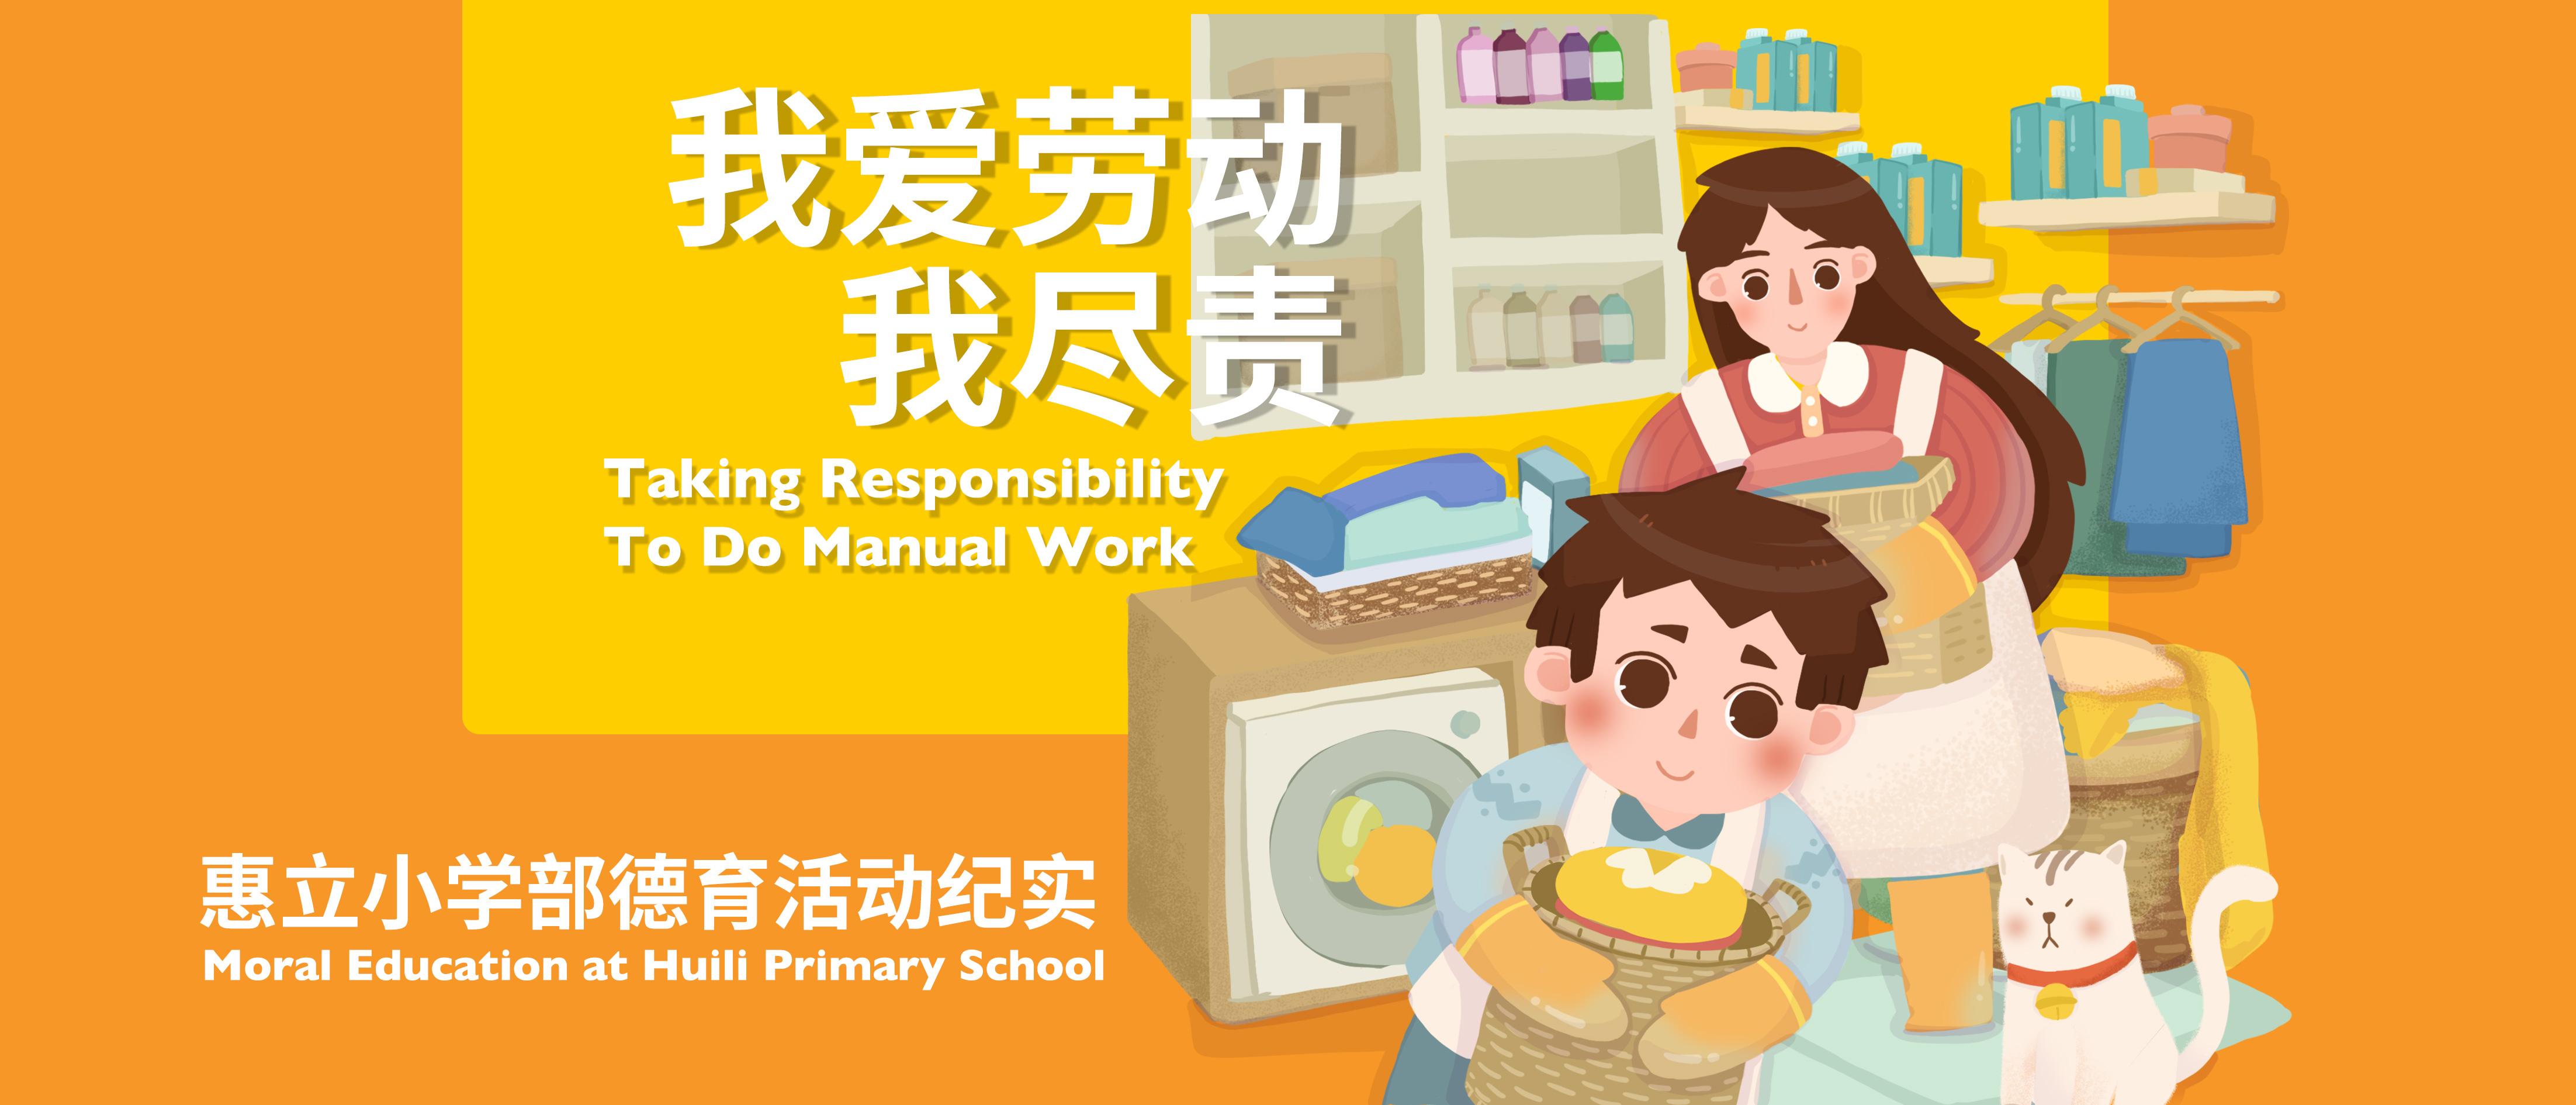 劳动创造幸福——惠立小学部德育活动纪实